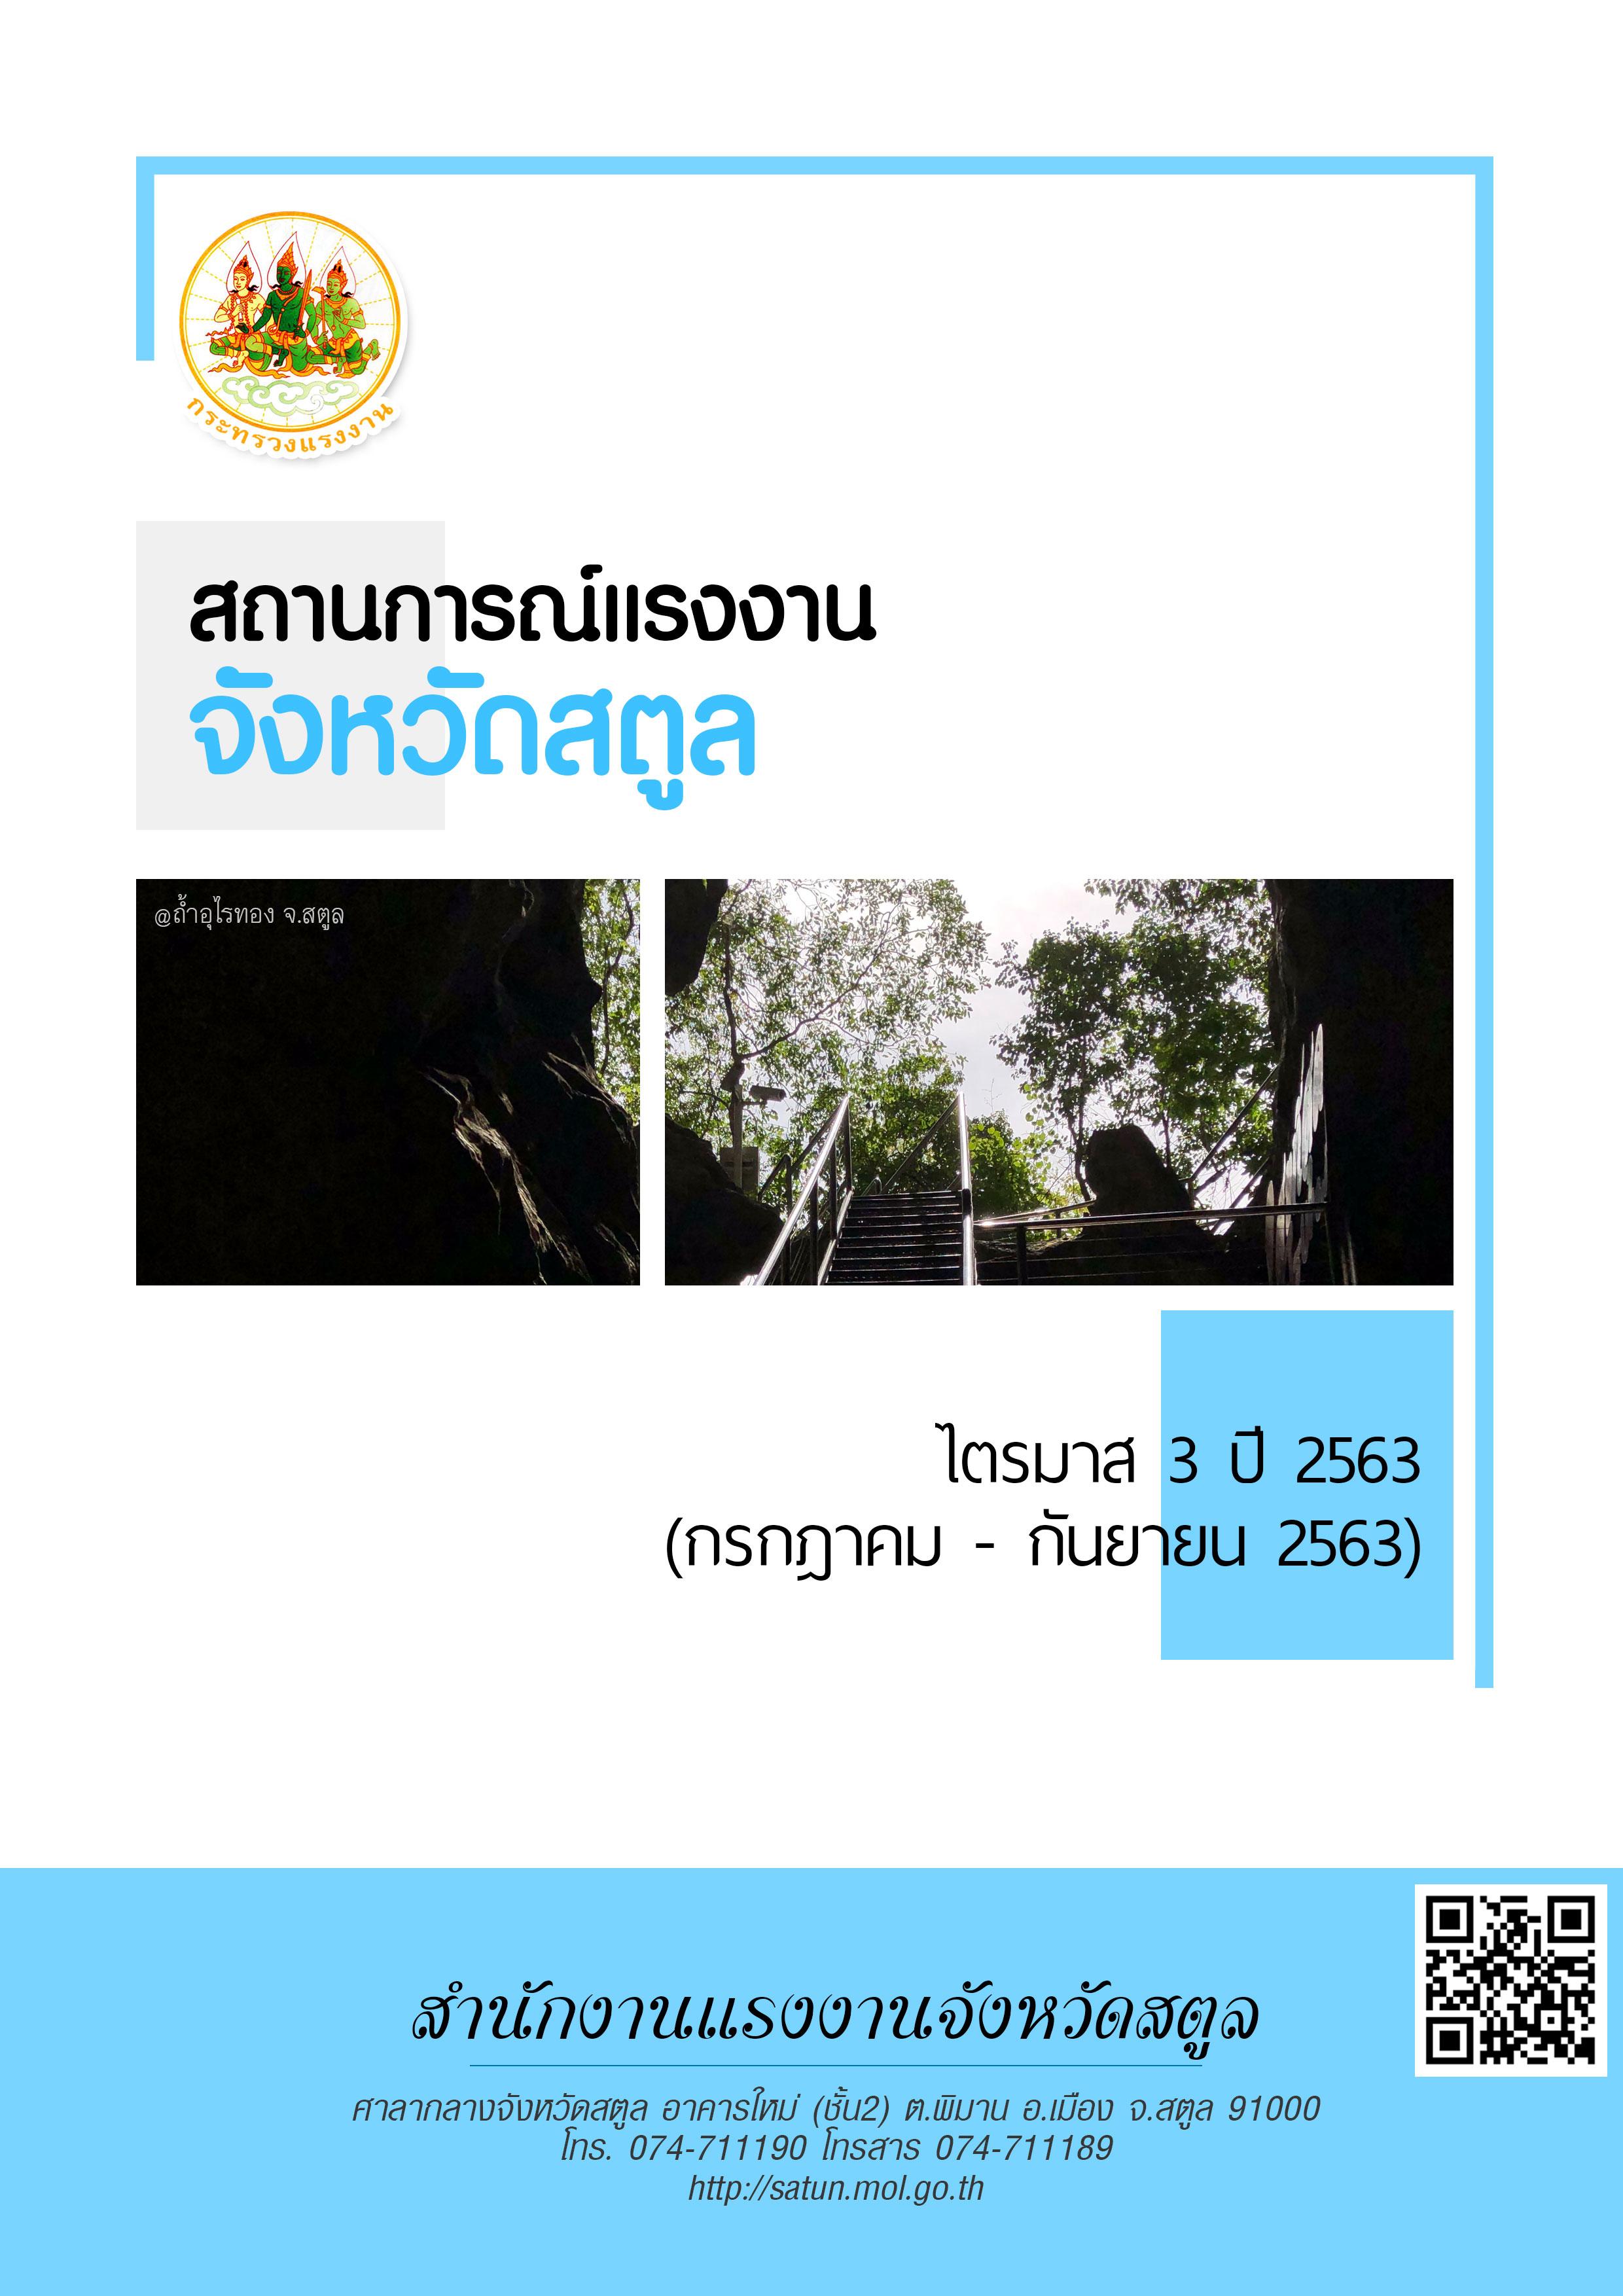 รายงานสถานการณ์จังหวัดสตูล ไตรมาส 3 ปี 2563 (กรกฎาคม – กันยายน 2563)